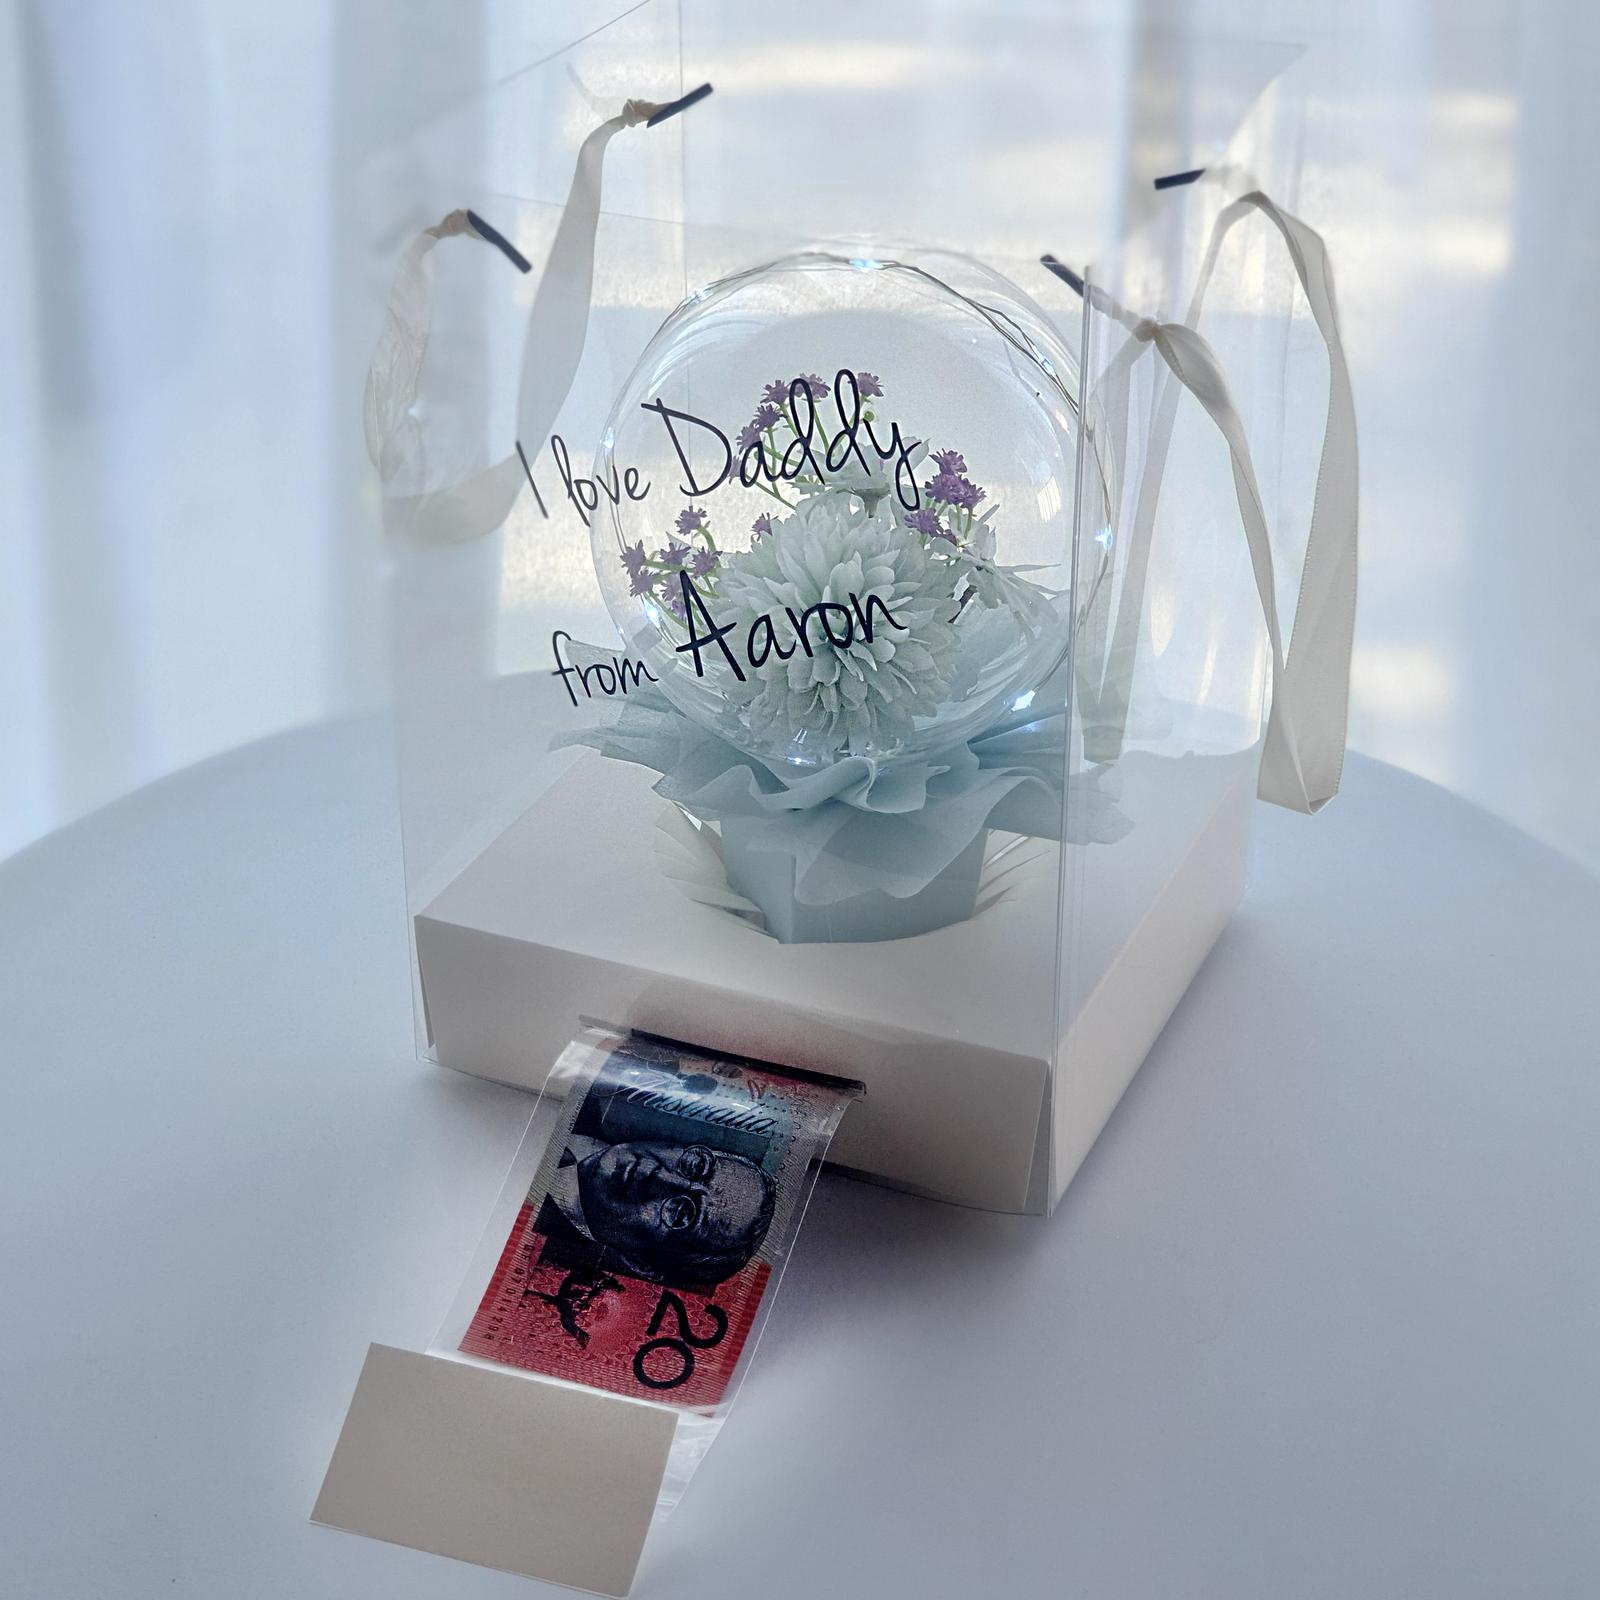 single flowerballoon money carrybag